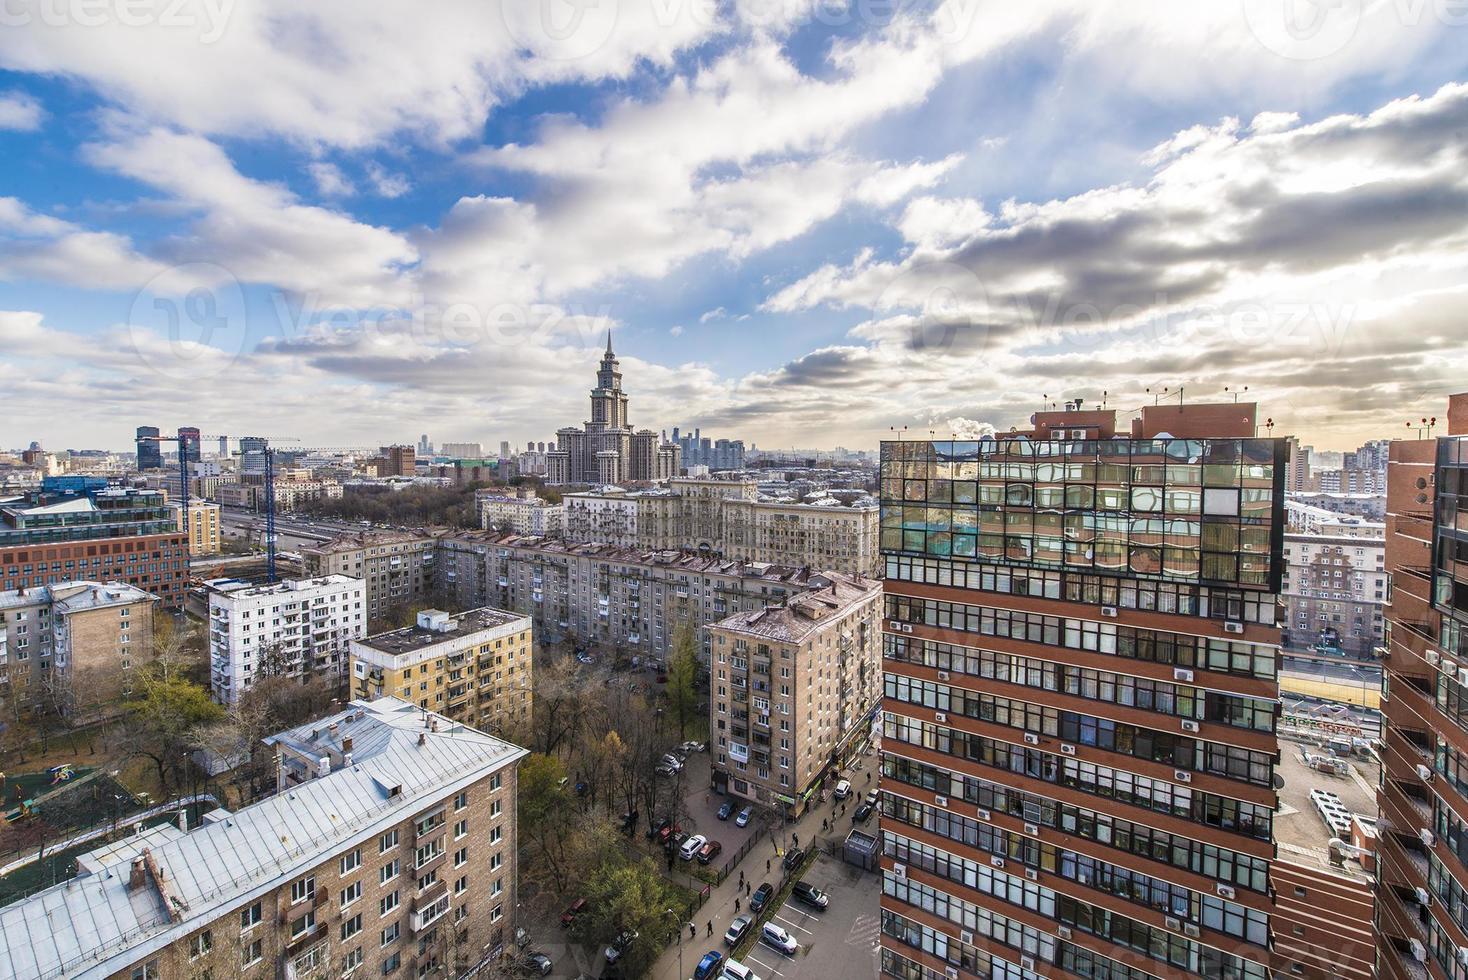 modernos edificios de apartamentos en la vista superior de moscú foto